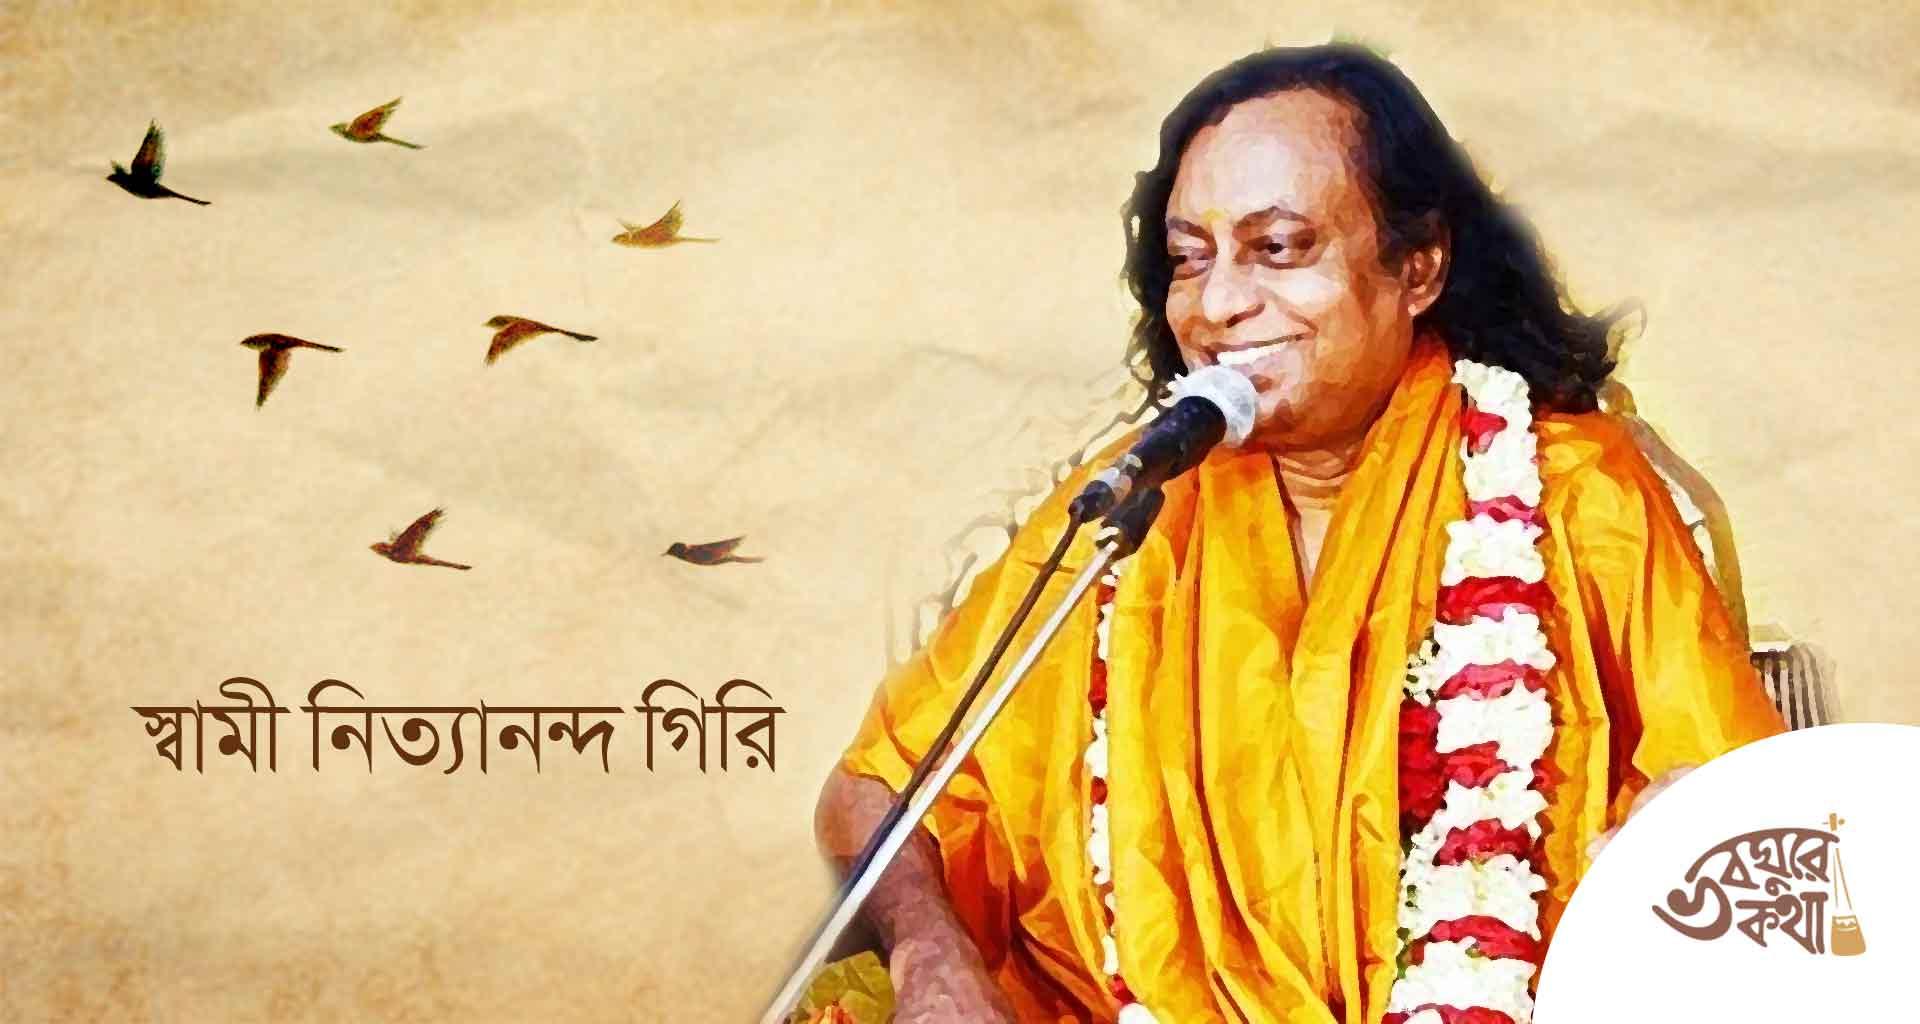 স্বামী নিত্যানন্দ গিরির বাণী: আঠারো